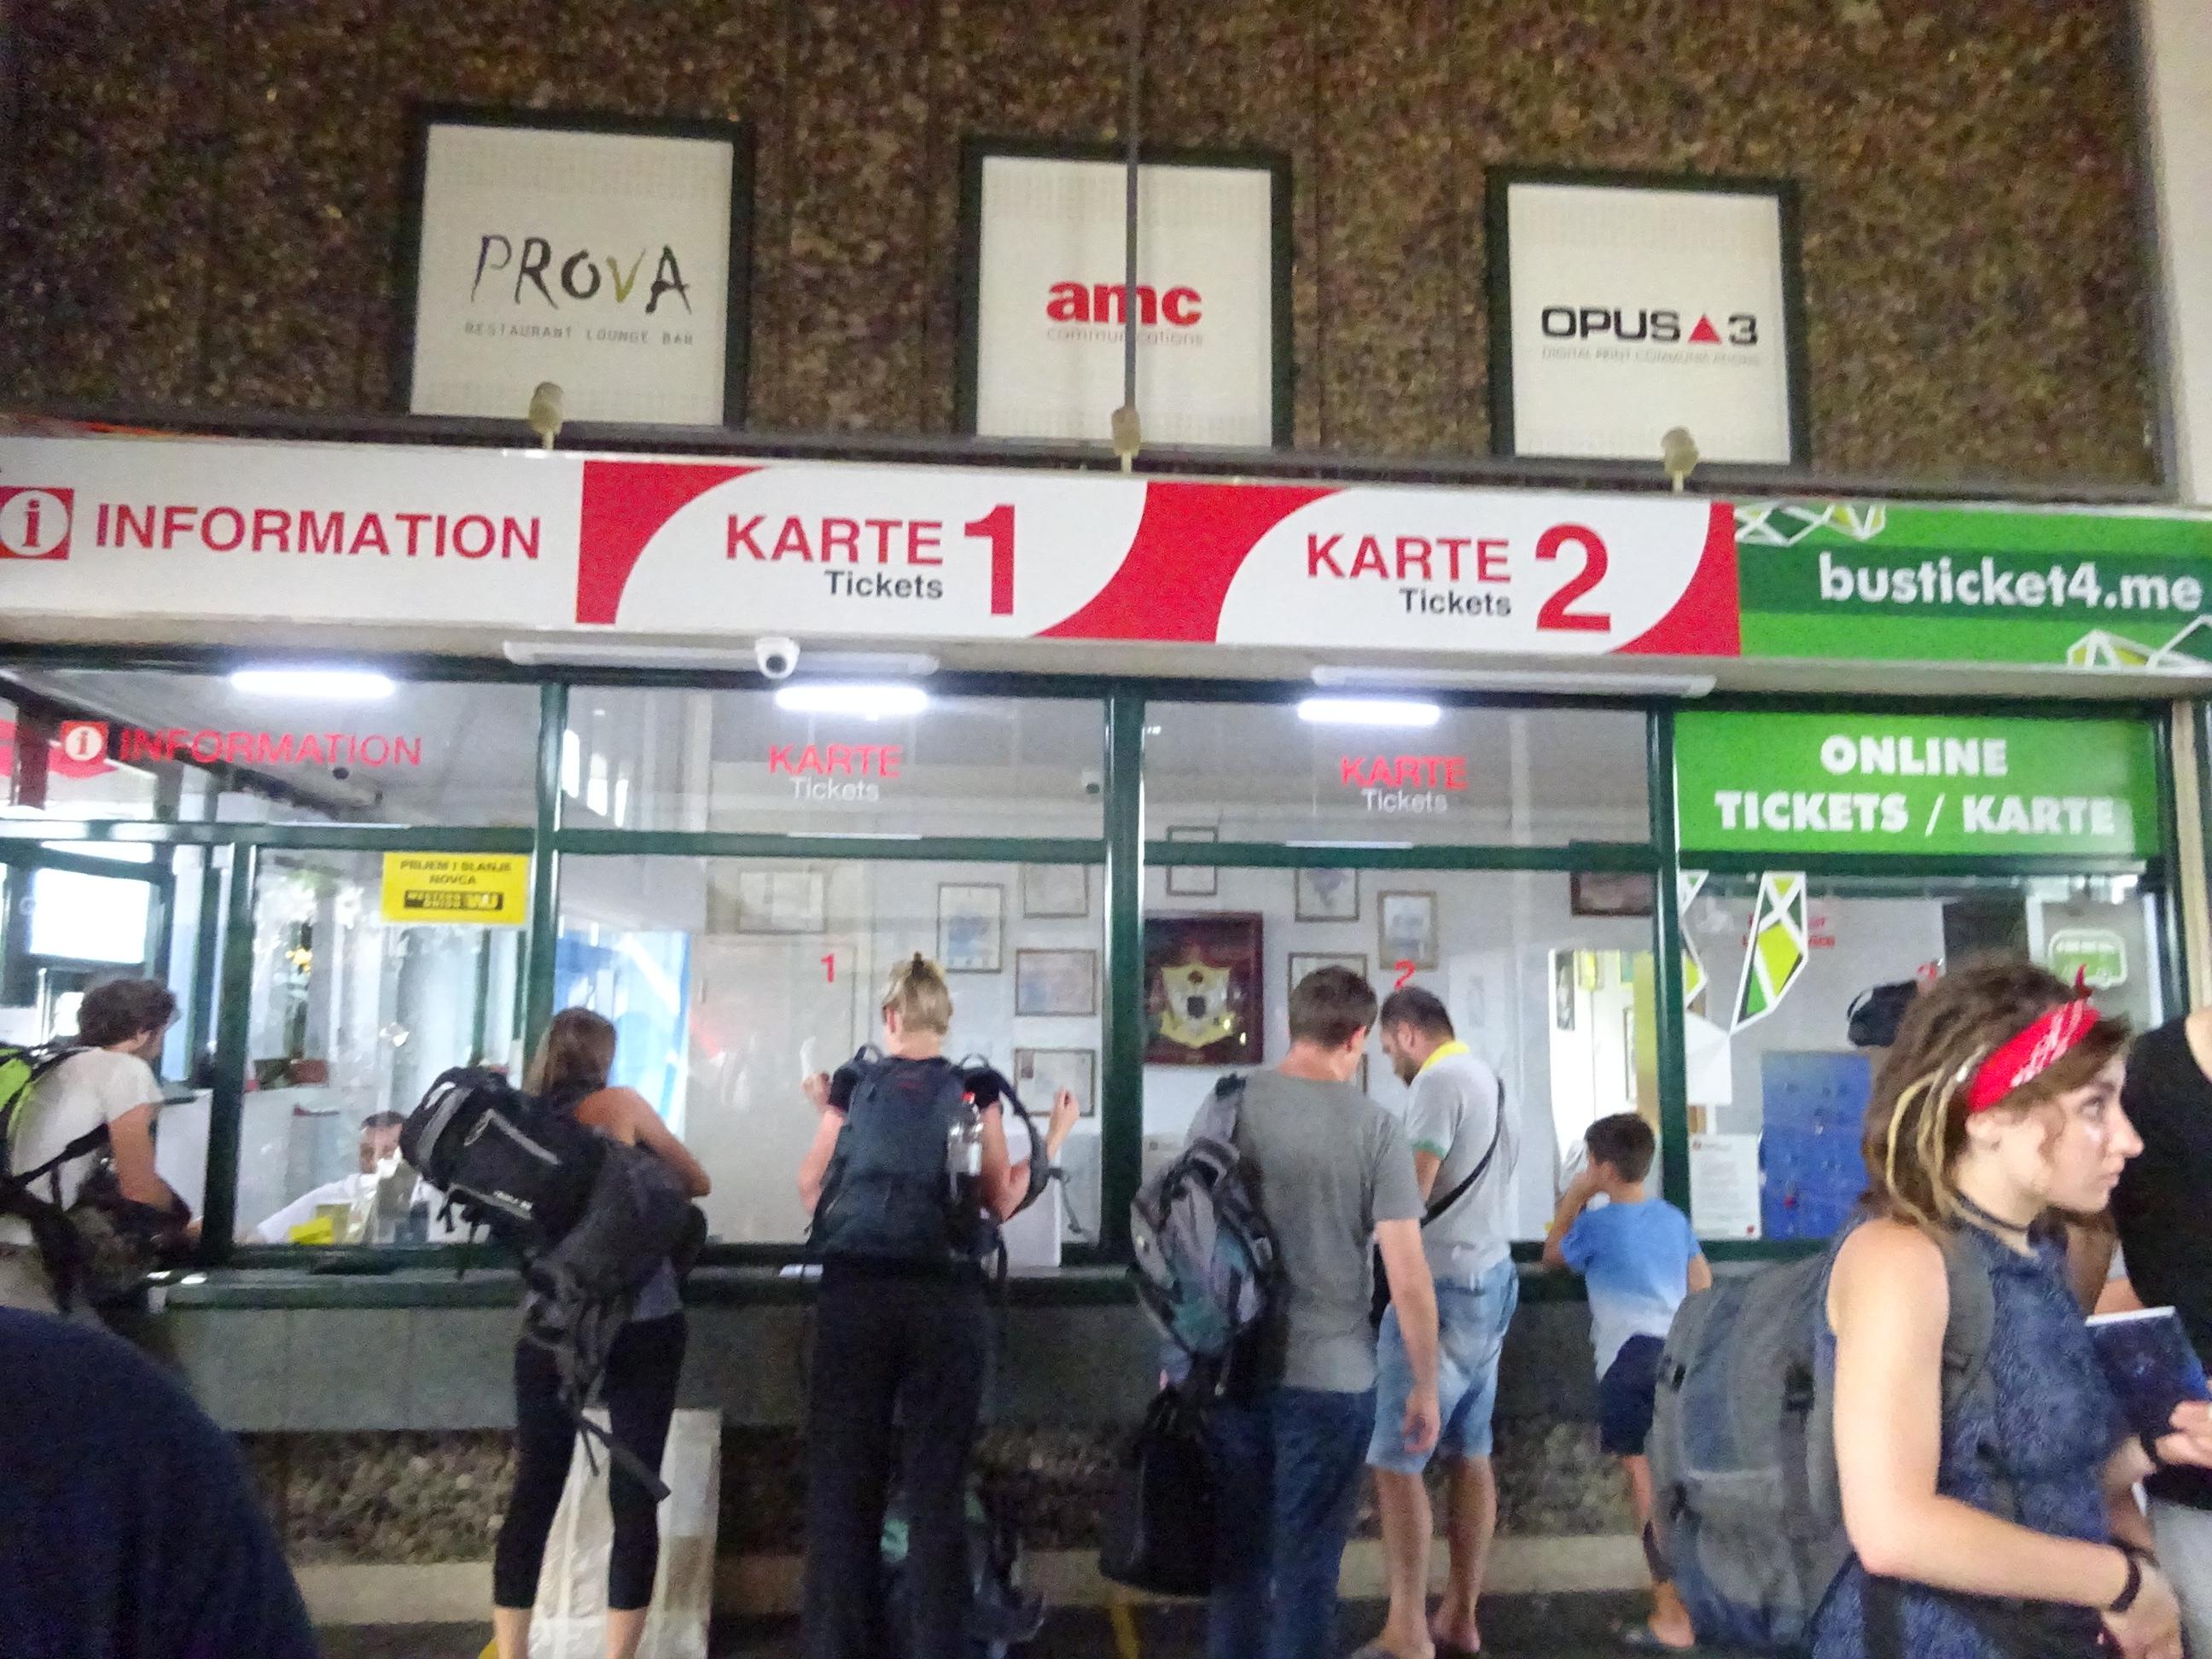 ポドゴリツァからコトル行きのバス料金7.5ユーロ